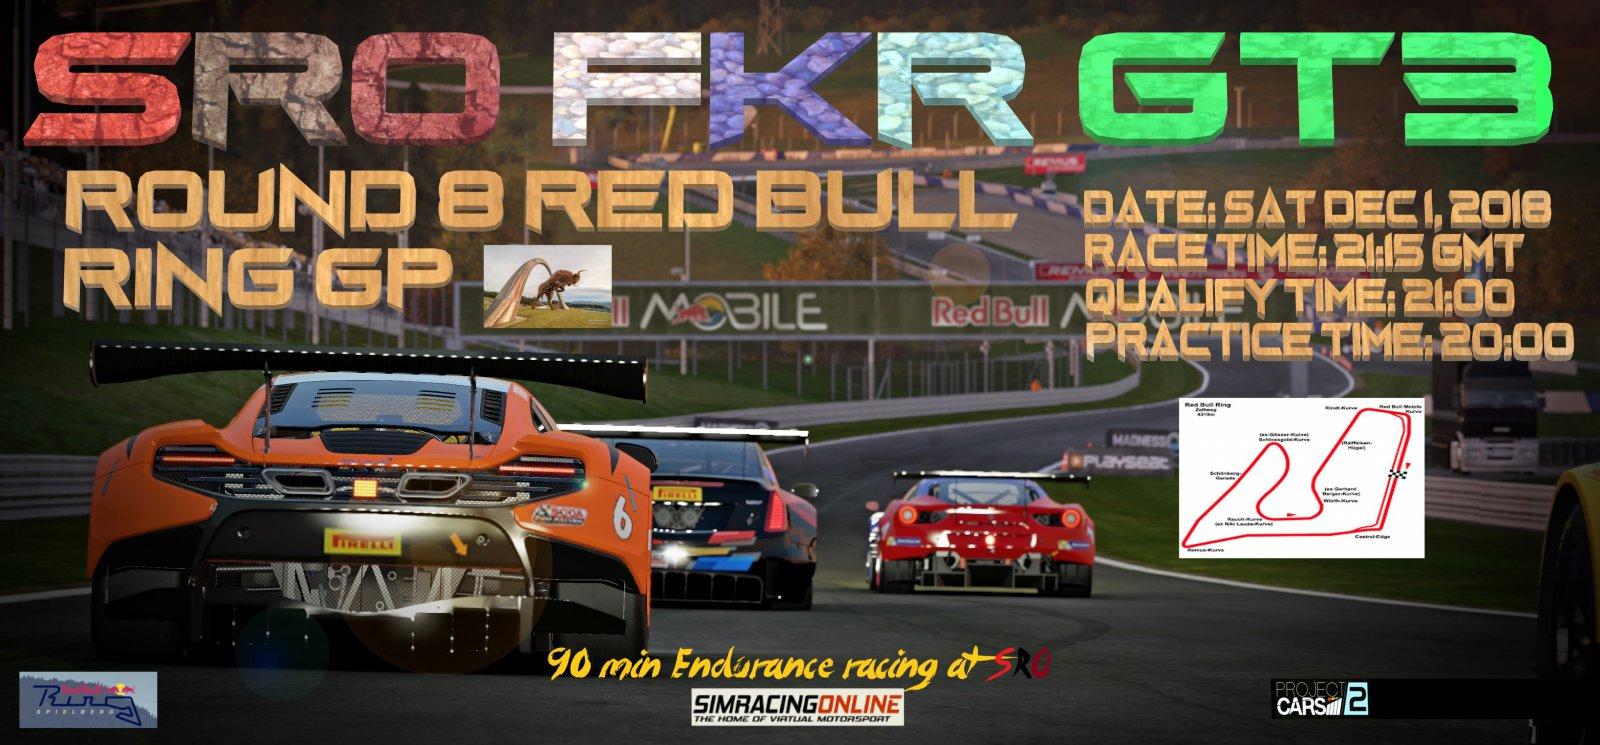 fkr gt3 red bull banner.jpg